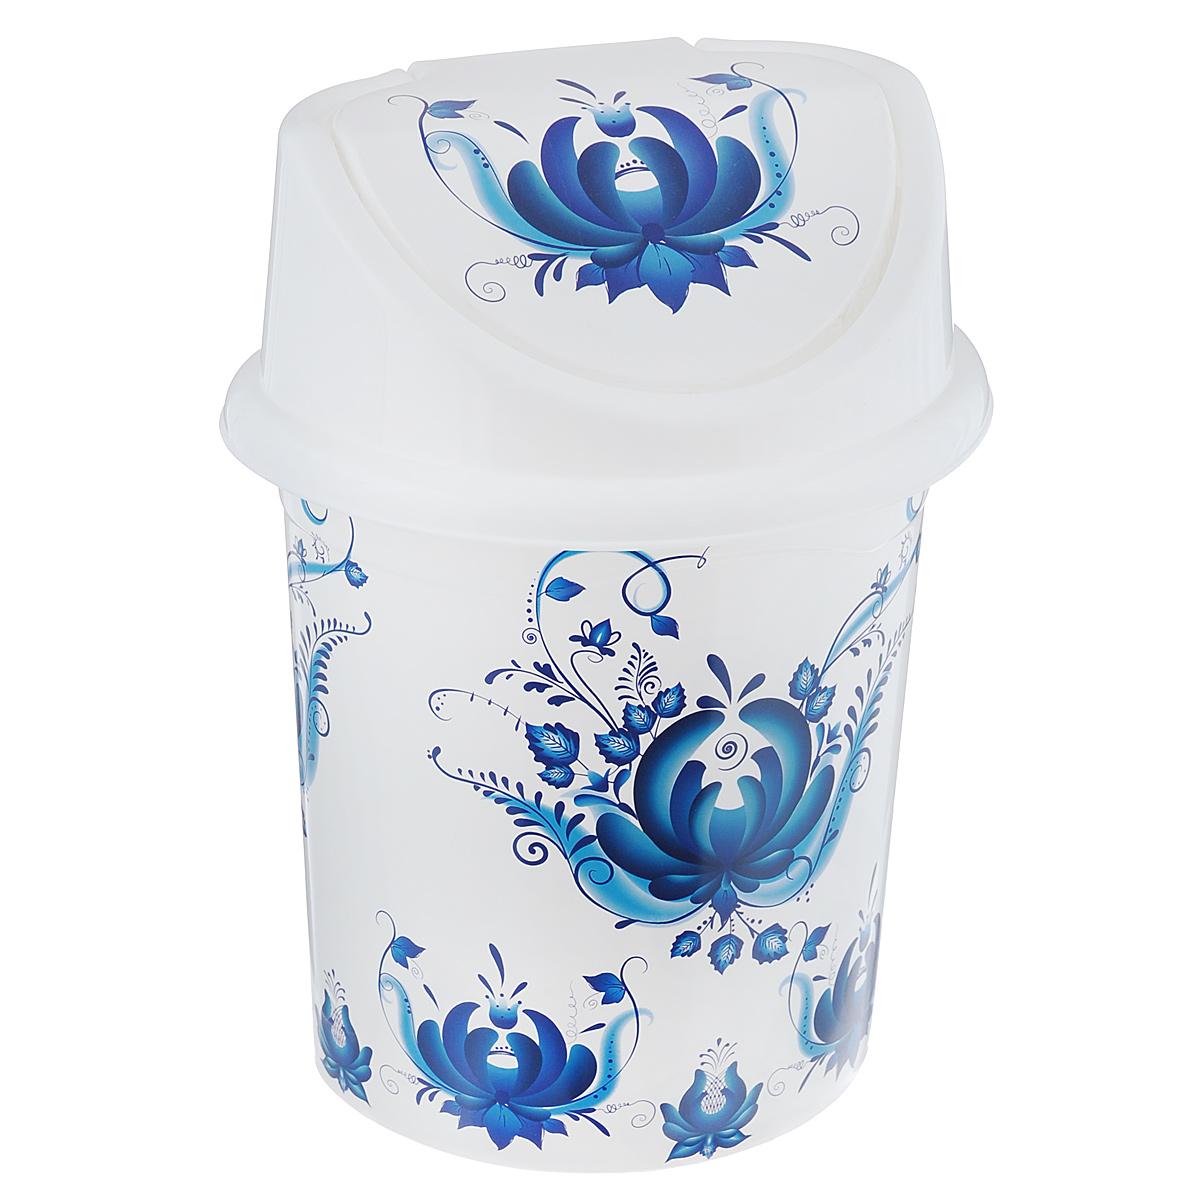 Контейнер для мусора Violet Гжель, цвет: белый, синий, 4 л0404/78Контейнер для мусора Violet Гжель изготовлен из прочного пластика. Контейнер снабжен удобной съемной крышкой с подвижной перегородкой. В нем удобно хранить мелкий мусор. Благодаря стильному дизайну такой контейнер идеально впишется в интерьер и дома, и офиса. Размер изделия: 16 см x 20 см x 27 см.